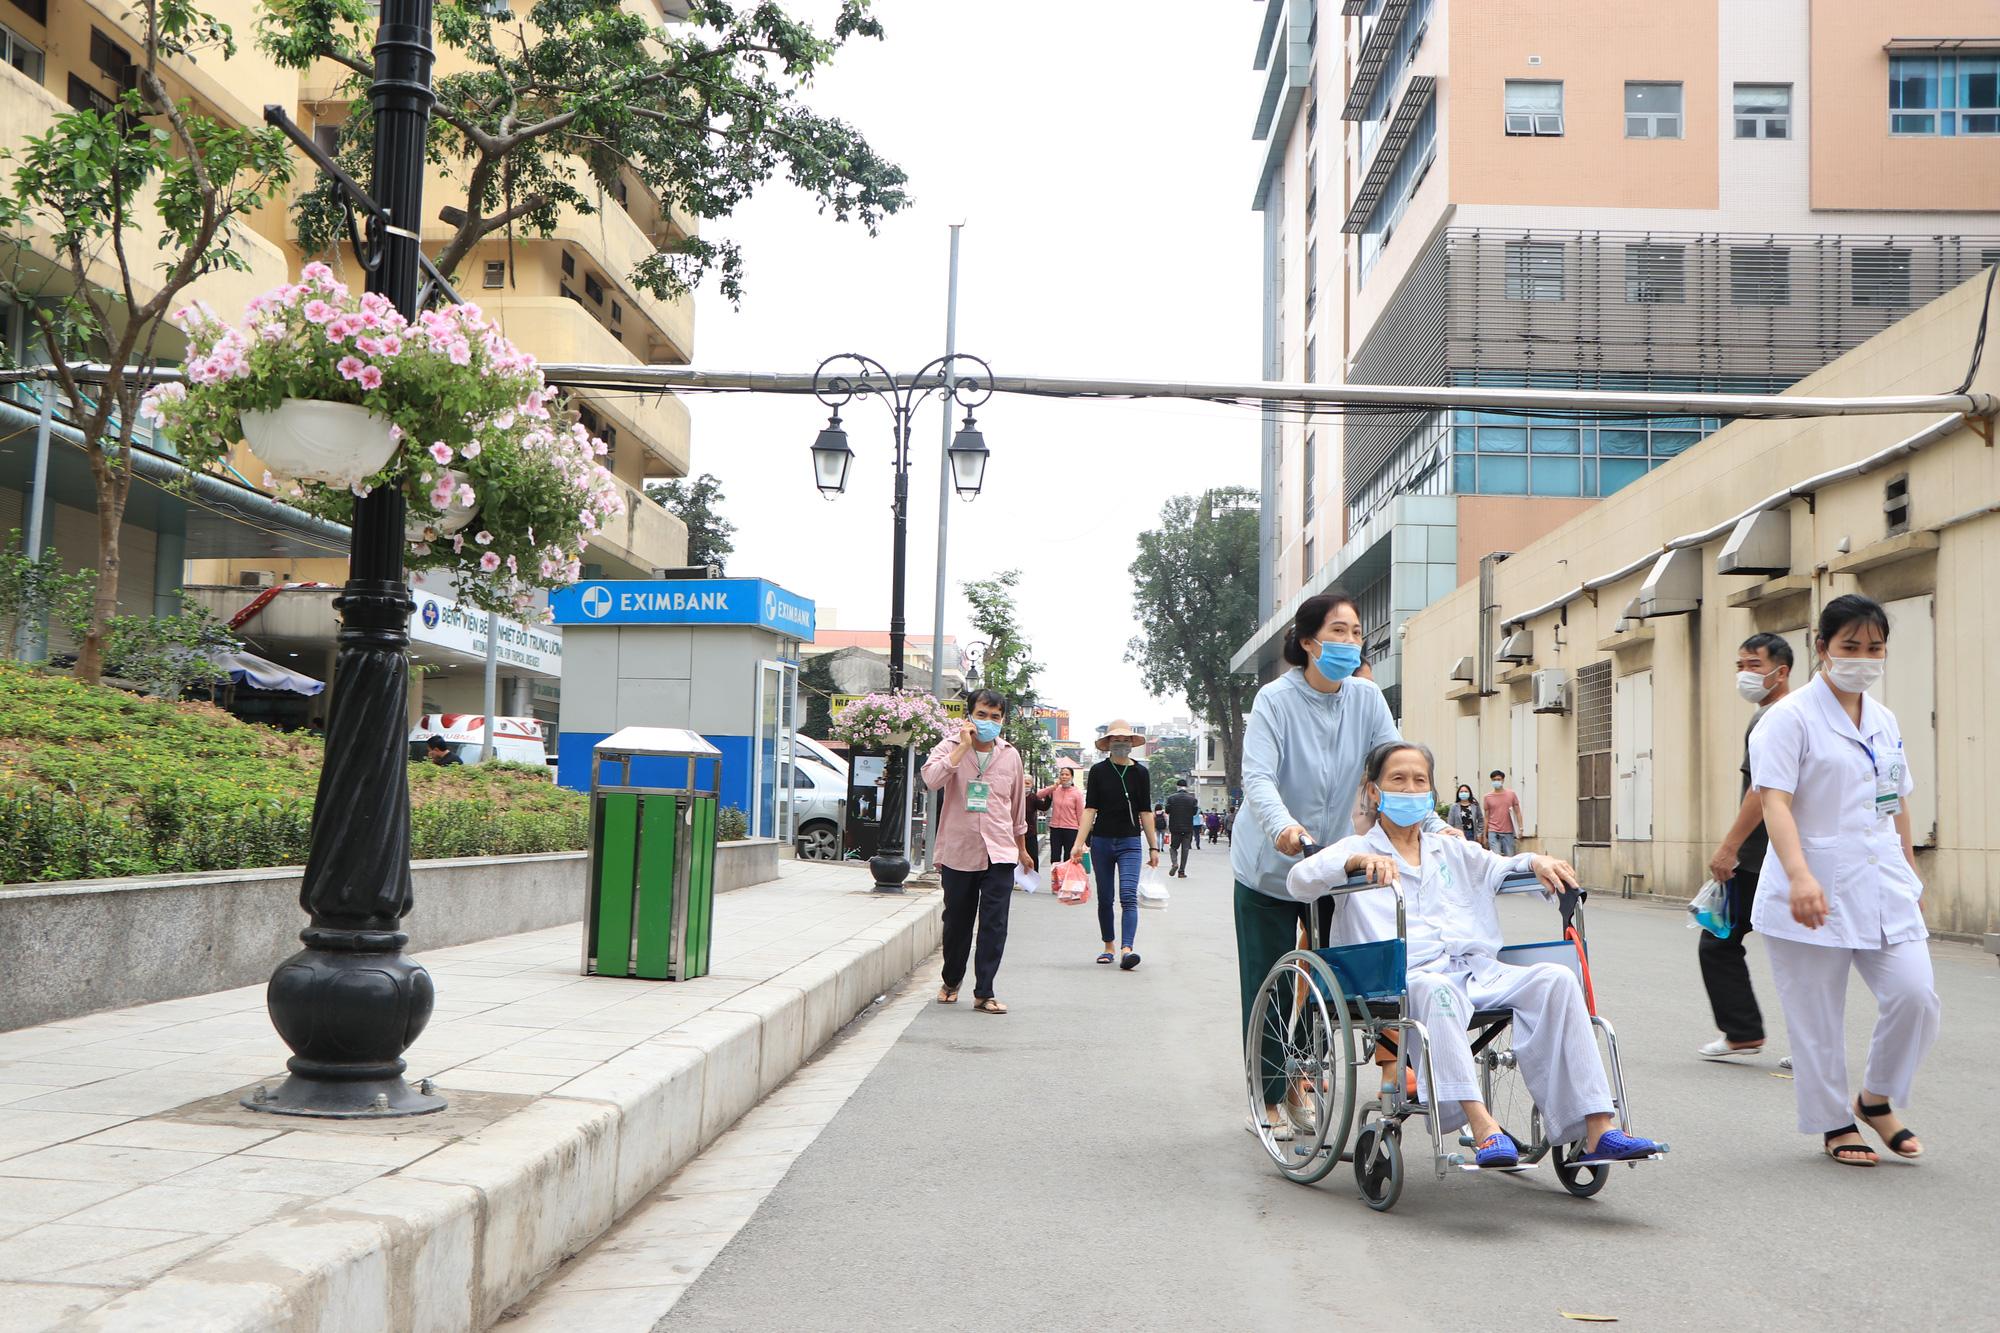 """Phó giám đốc Bệnh viện Bạch Mai: """"Sẽ dần triệt tiêu thu nhập không đúng, những nhóm lợi ích"""" - Ảnh 7."""